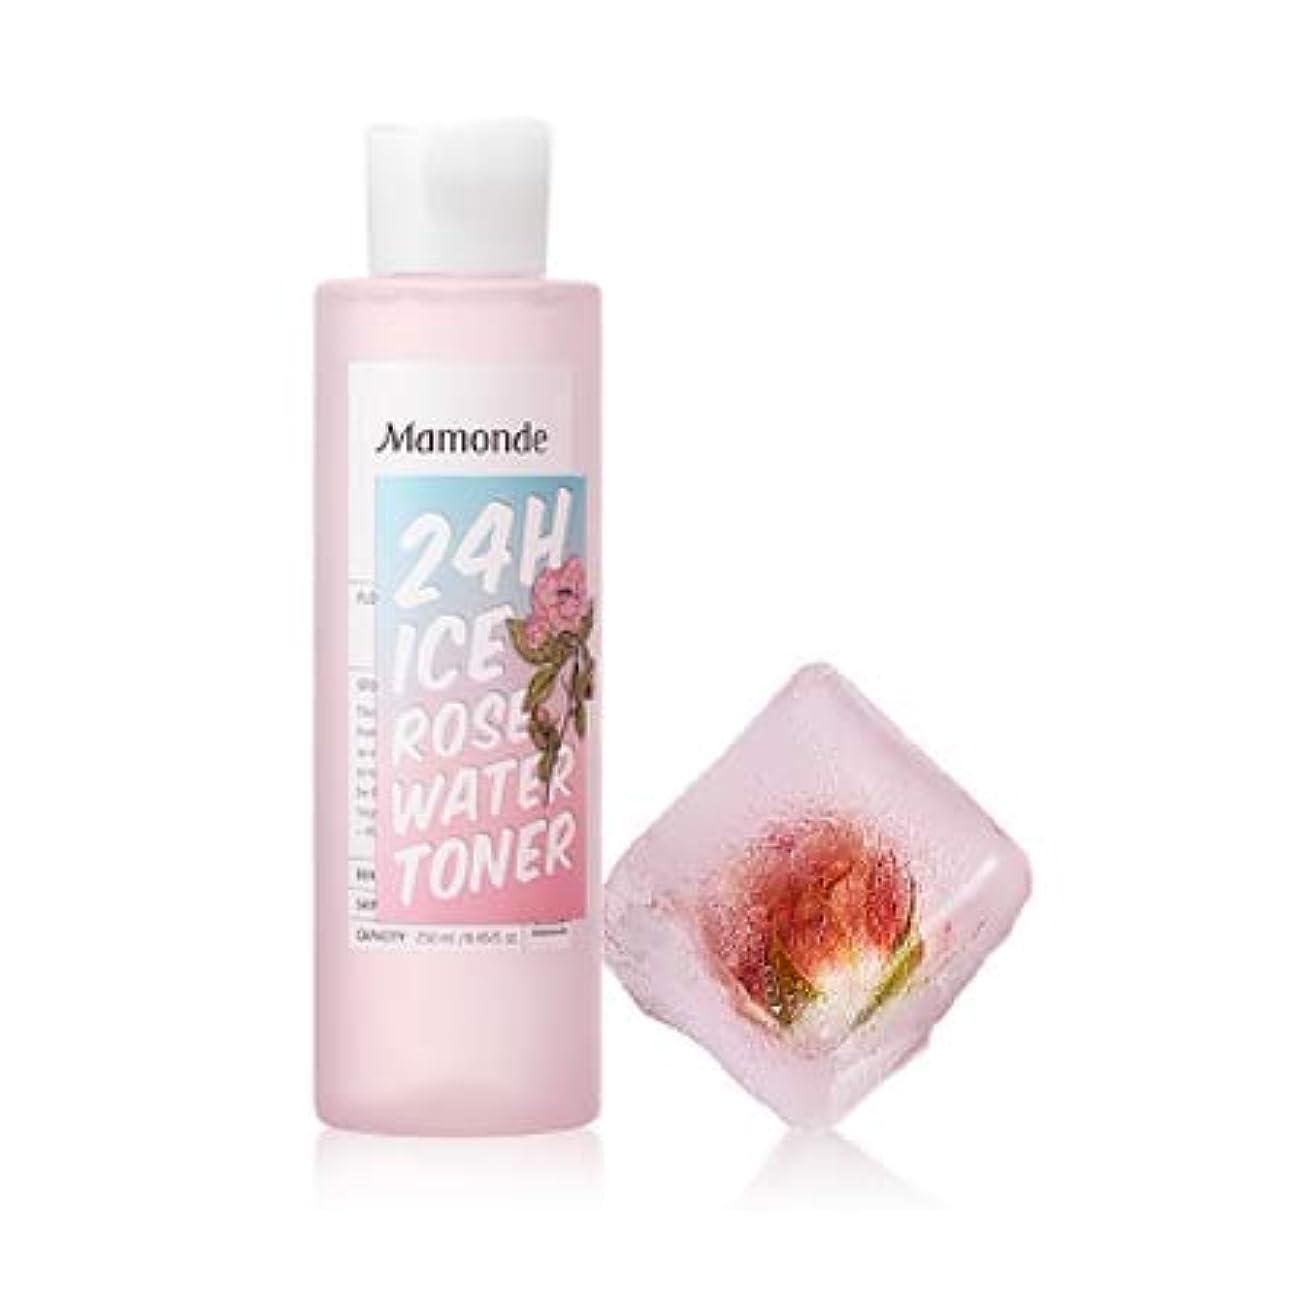 離れた著者遺伝的【マモンド.mamonde](公式)24Hアイスローズウォータートナー(250ml)(2019.05 new product)/ ice rose water toner